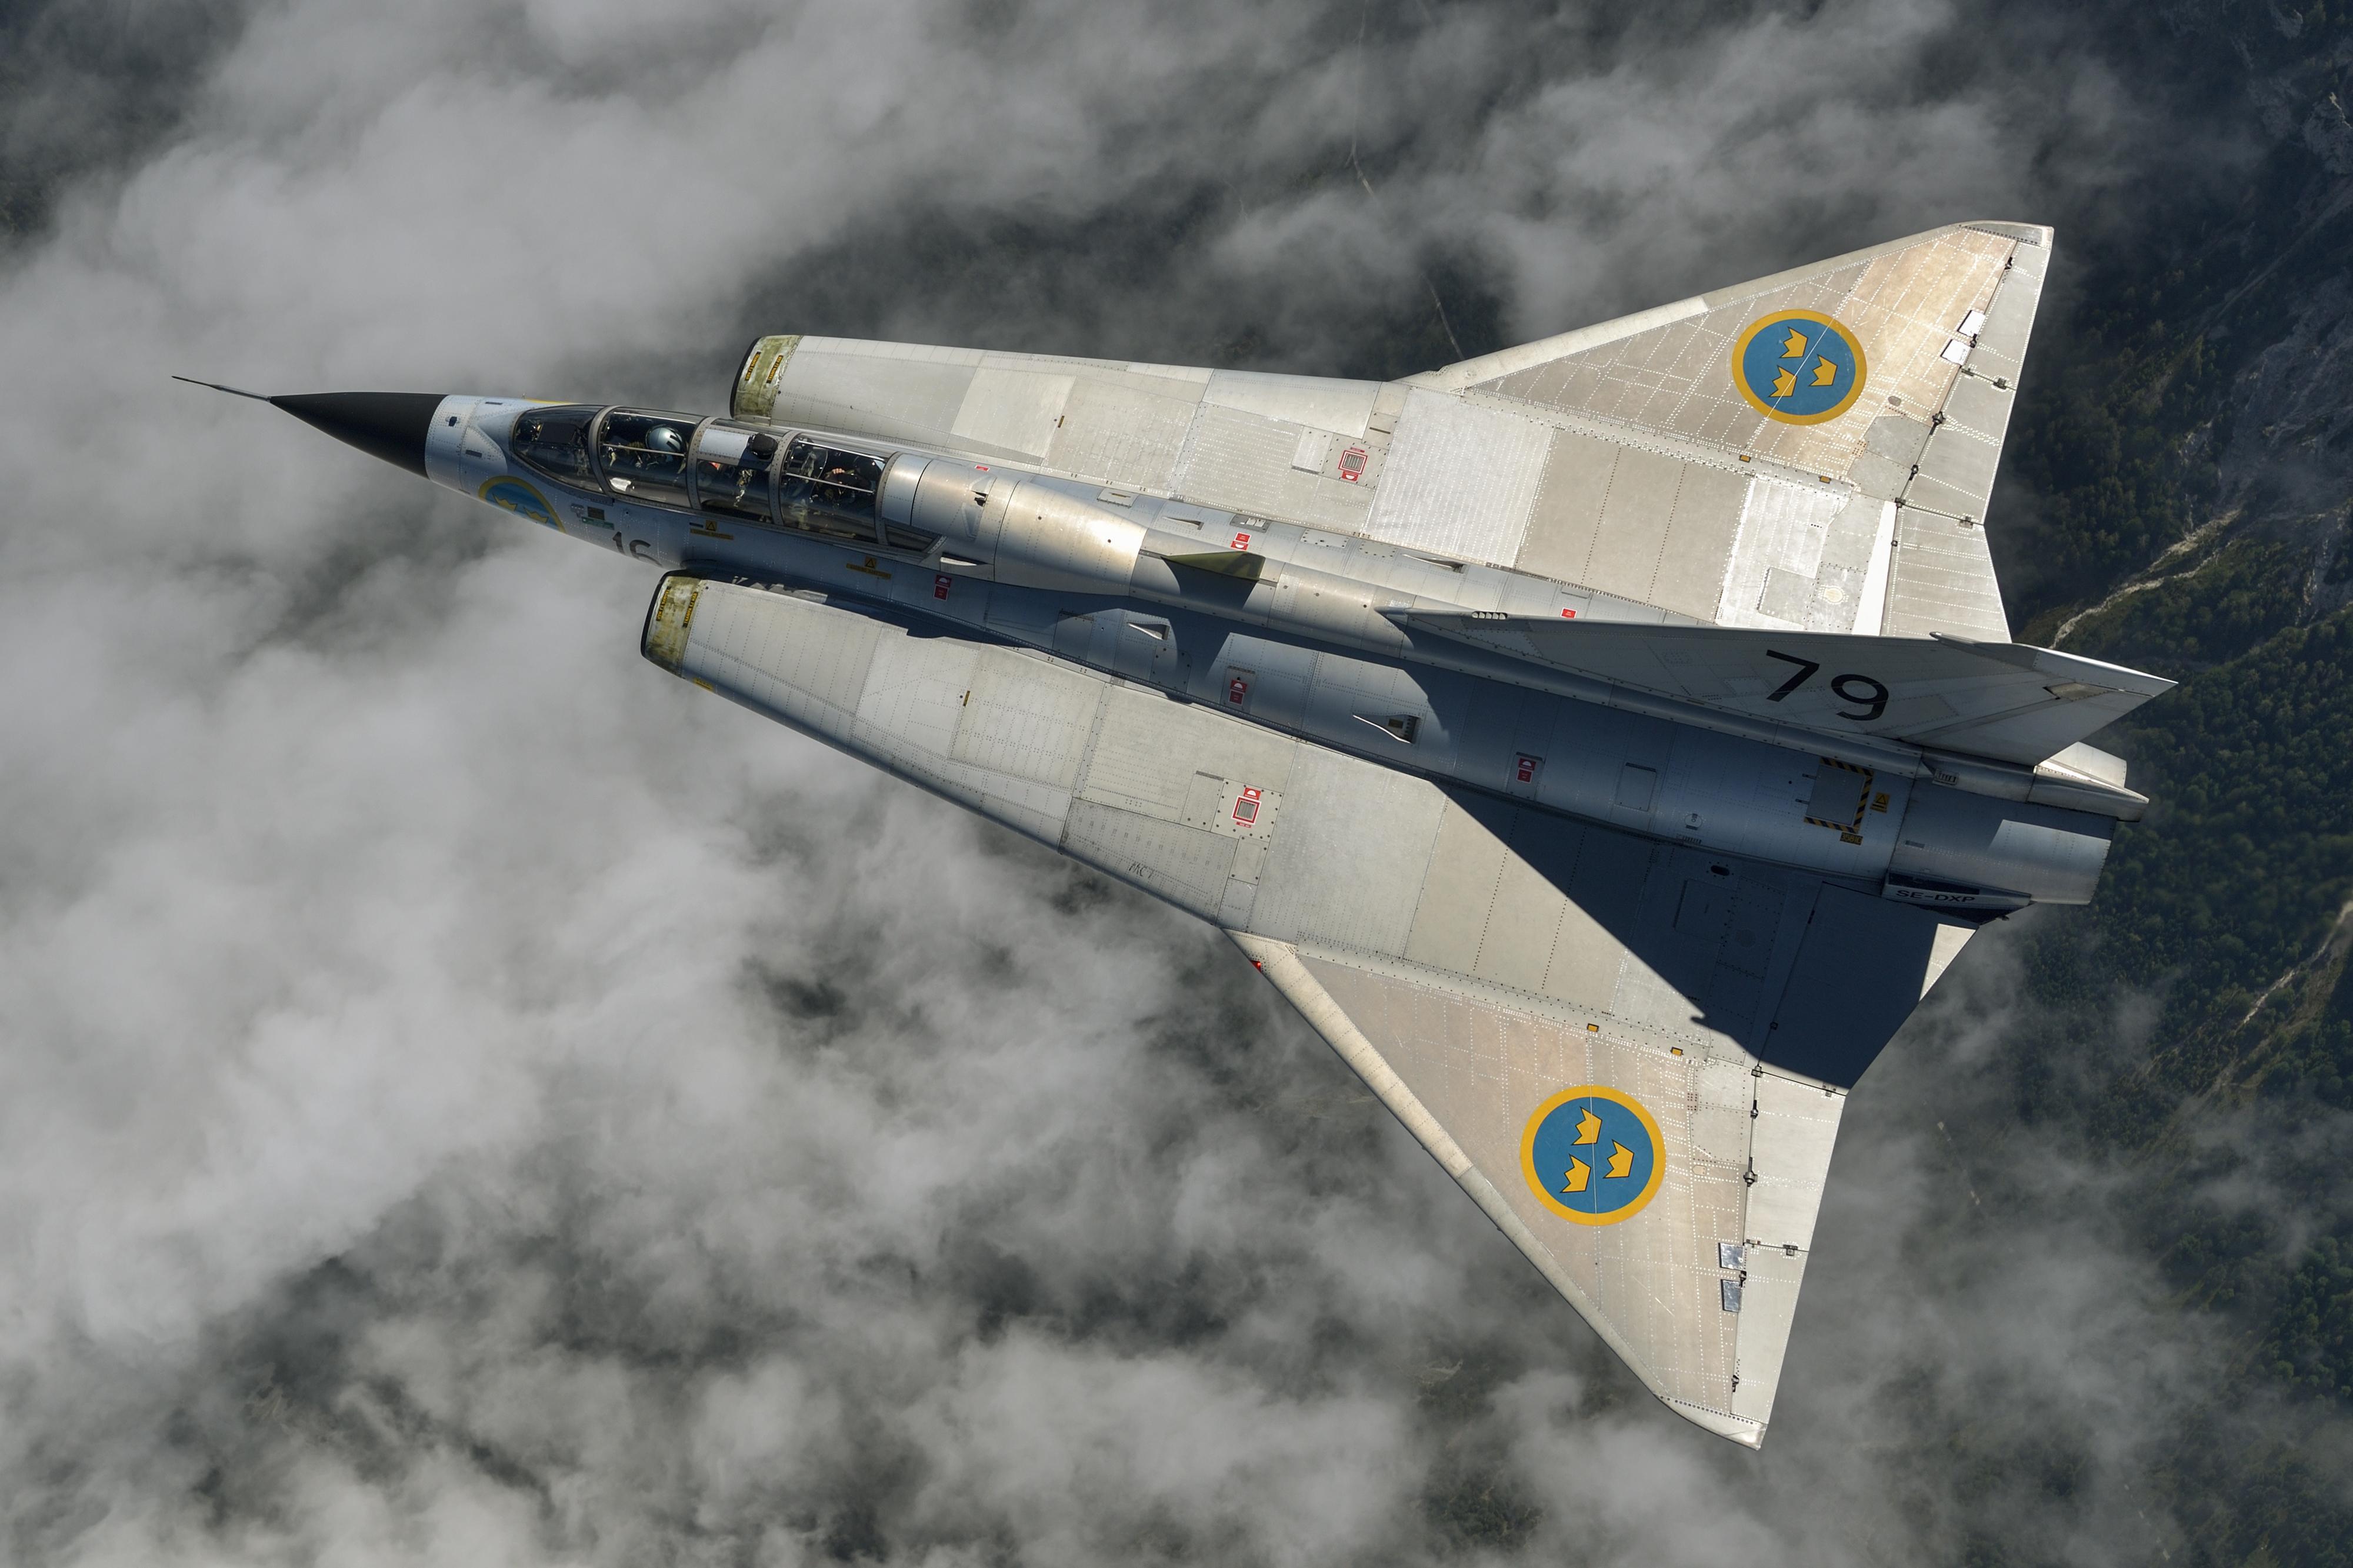 General 4000x2666 military Swedish Air Force Saab 35 Draken military aircraft aircraft vehicle